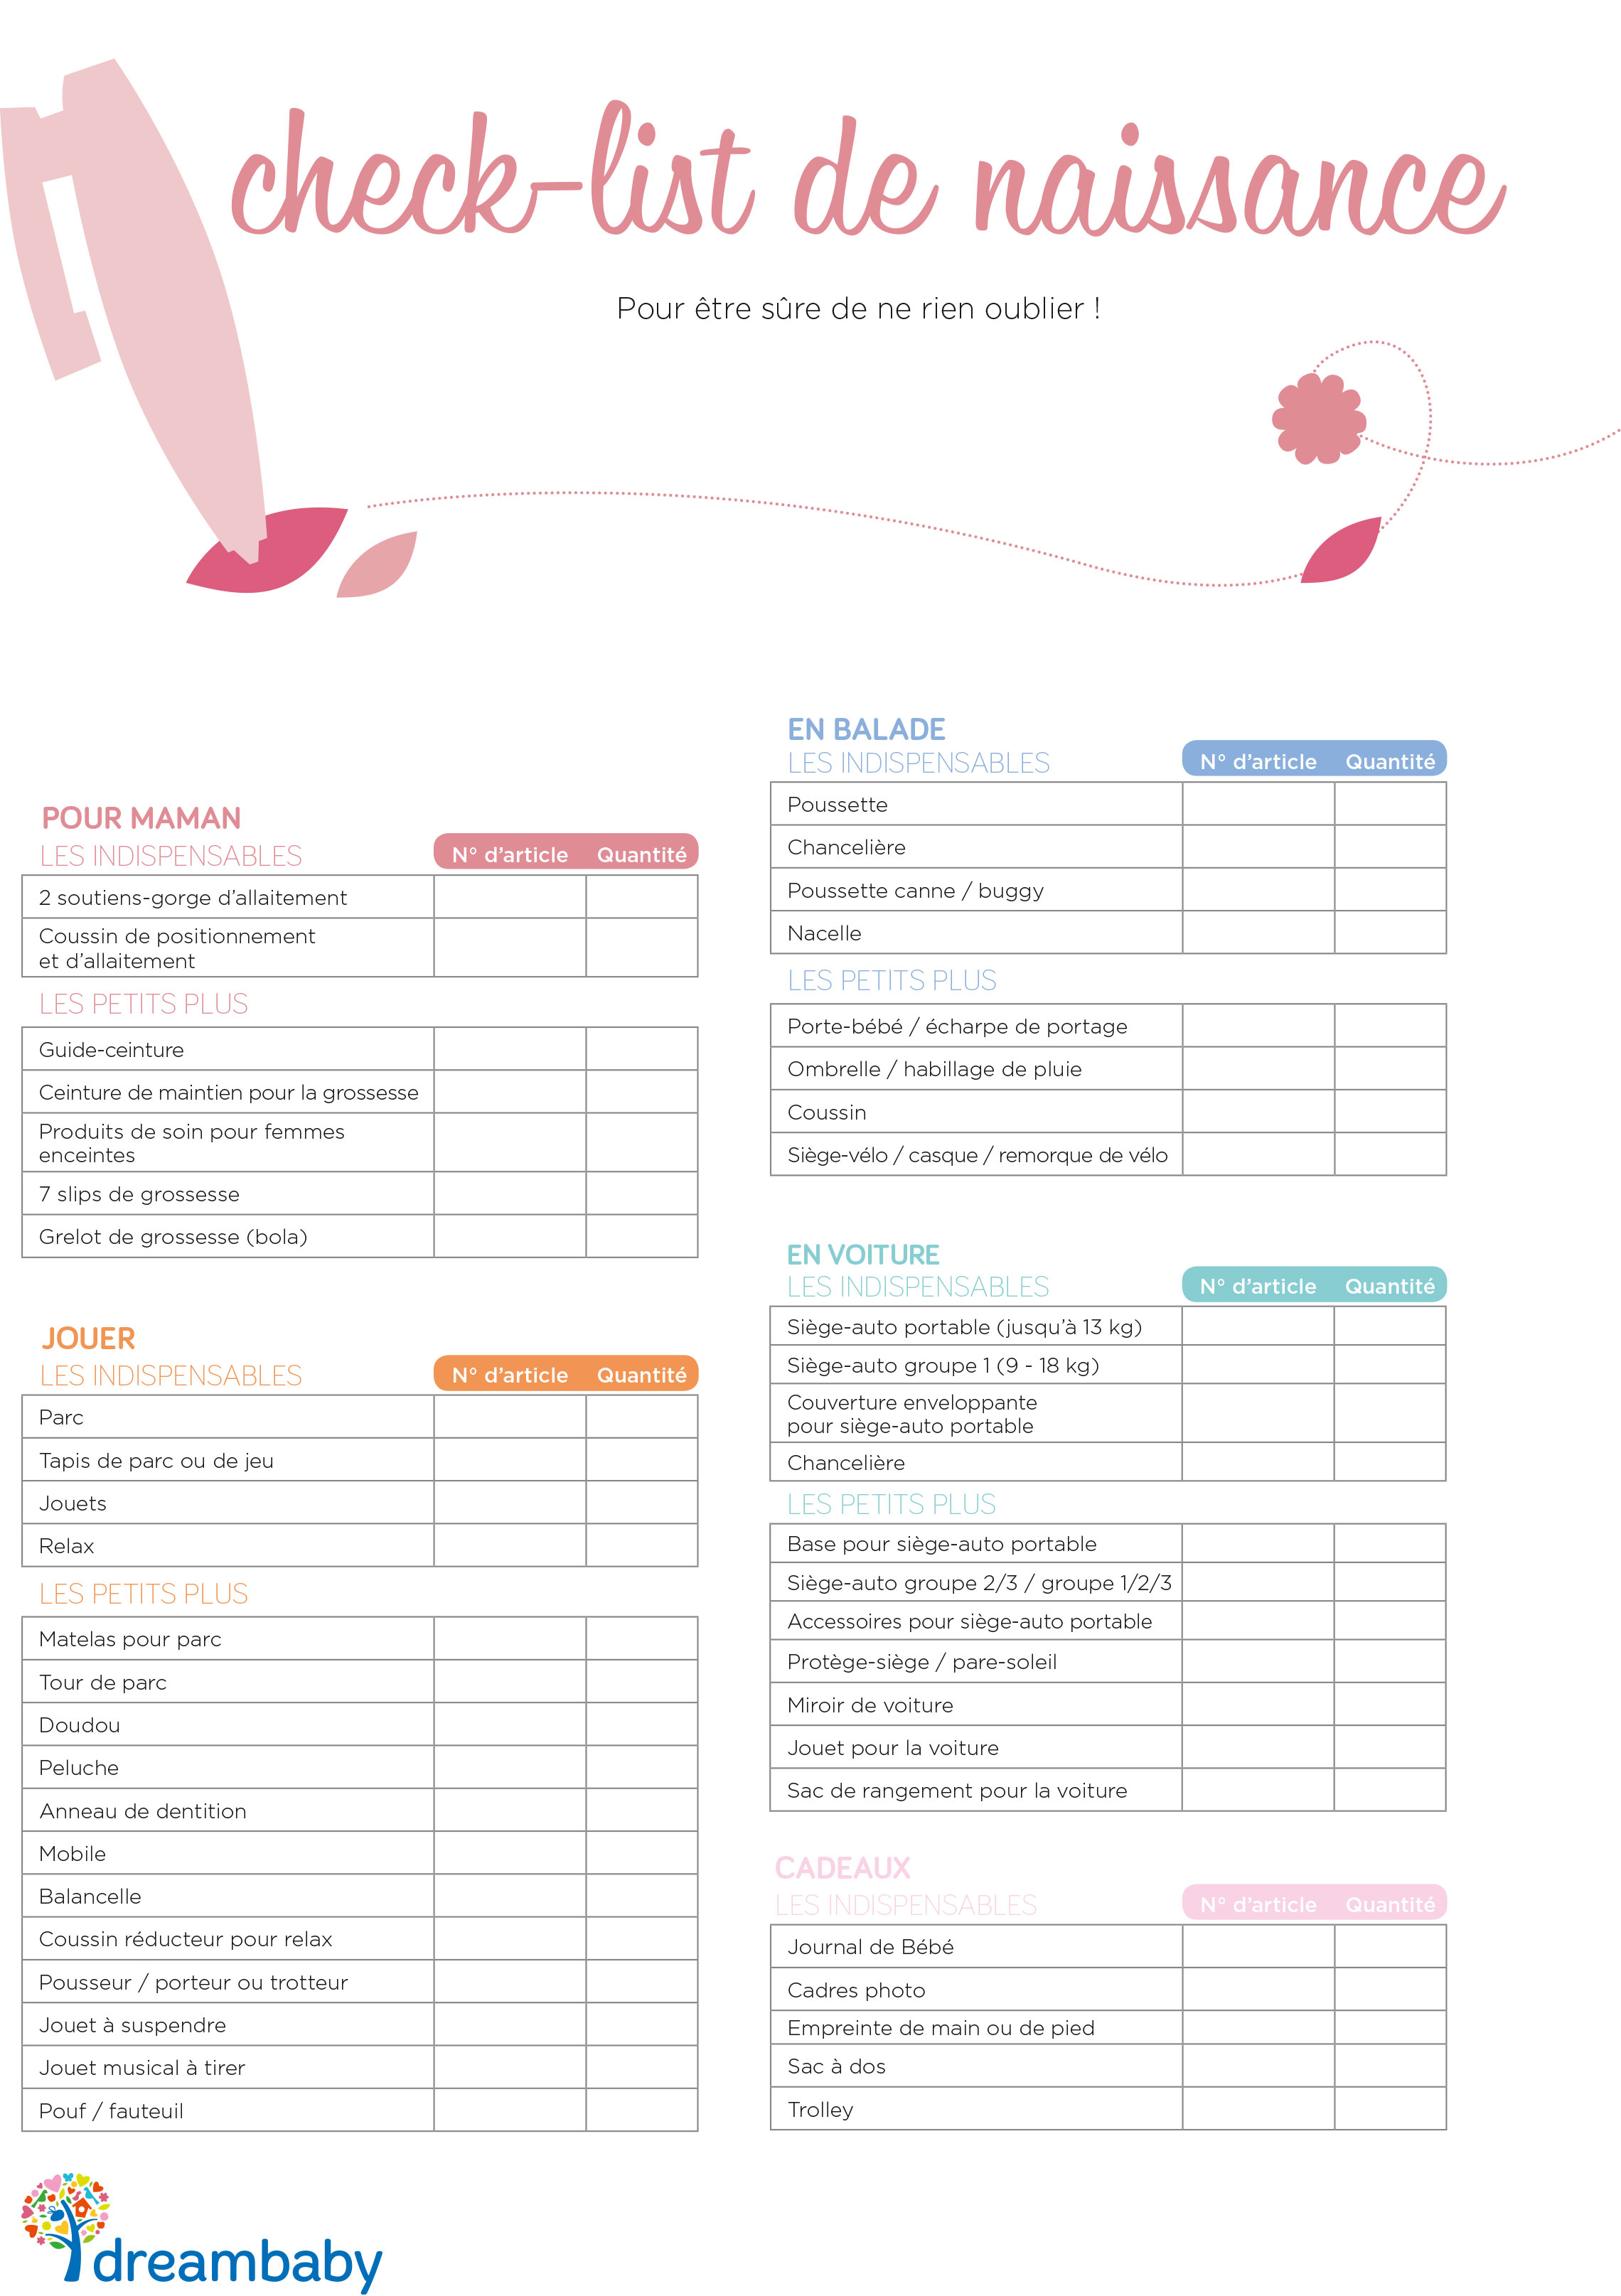 la liste de naissance